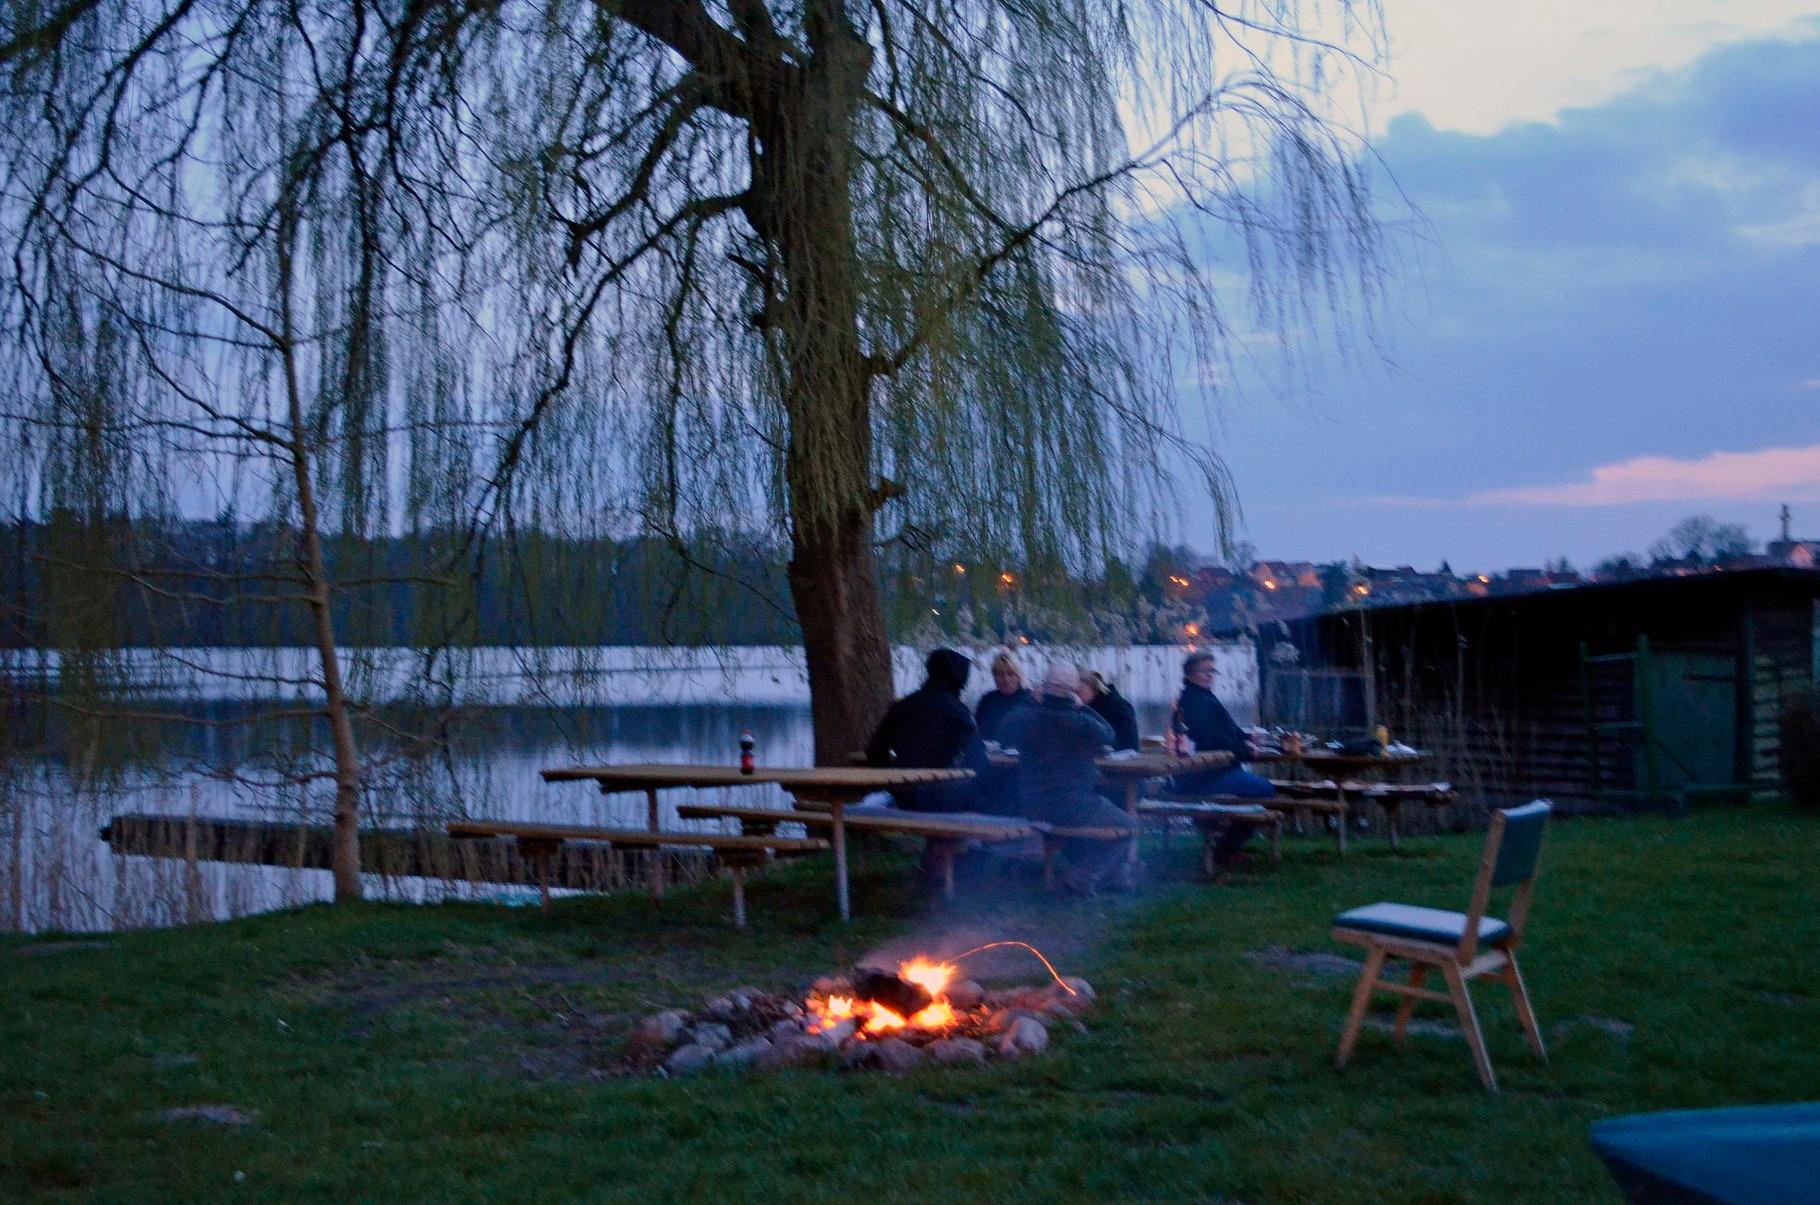 Am gemütlichen Lagerfeuer klingt der Abend aus.